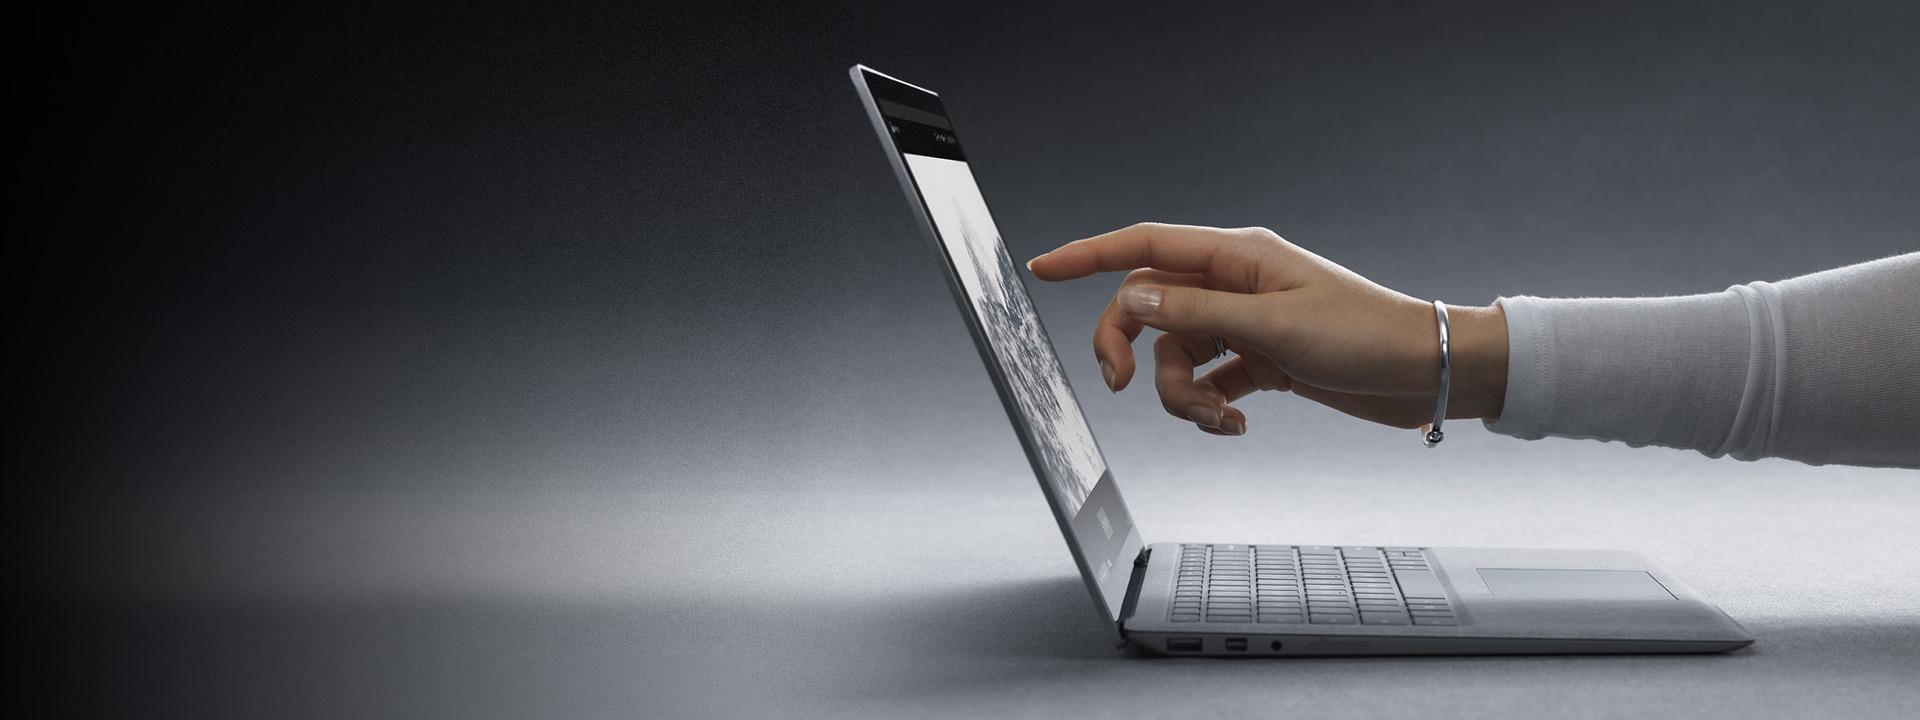 Uma rapariga toca no ecrã de um Surface Laptop 2